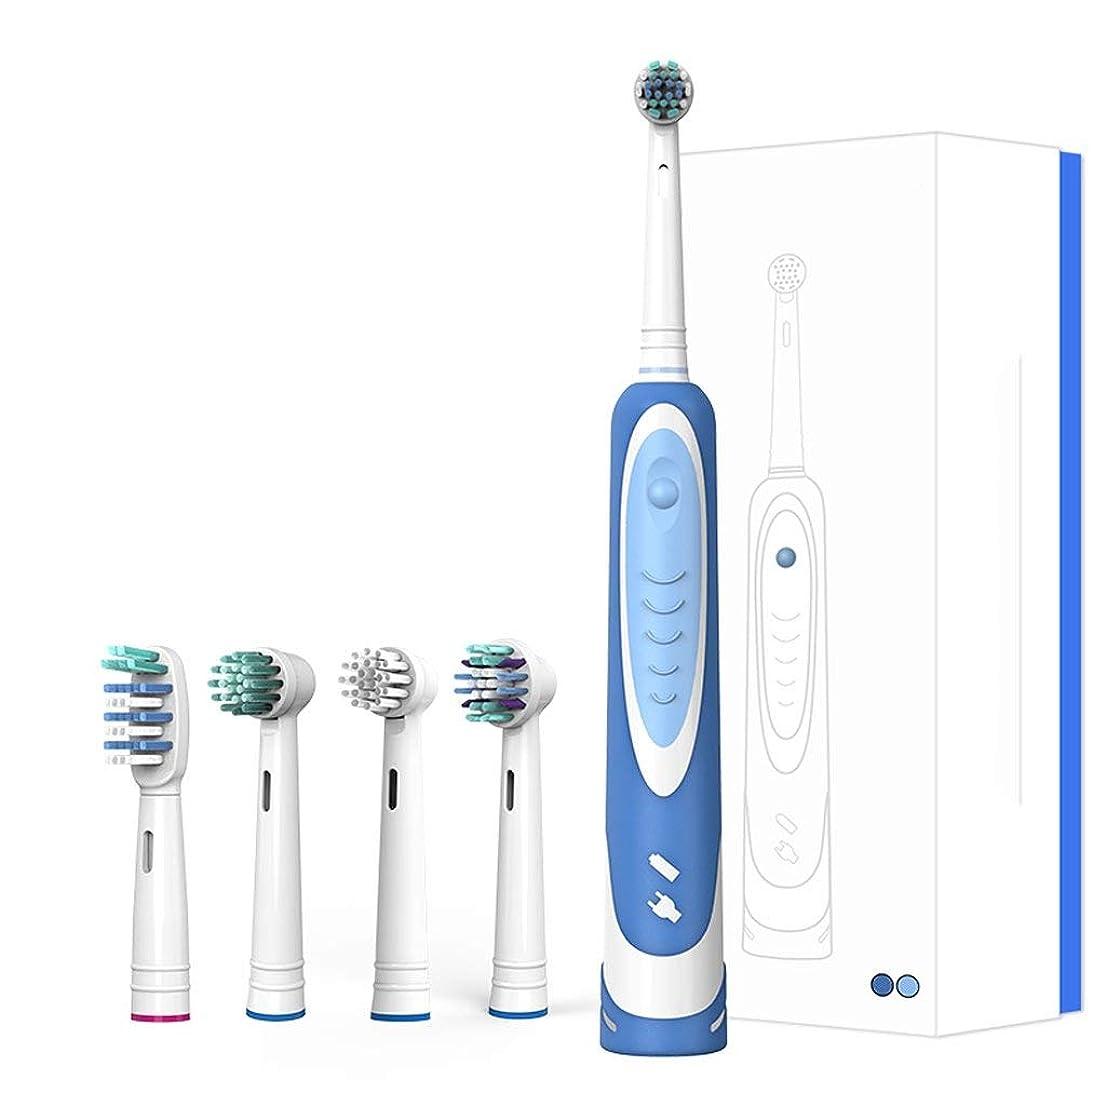 七面鳥威信流す電動歯ブラシ大人回転式電動歯ブラシ防水スマート歯ブラシ2分スマートタイマー2ブラッシングモード持ち運びが簡単